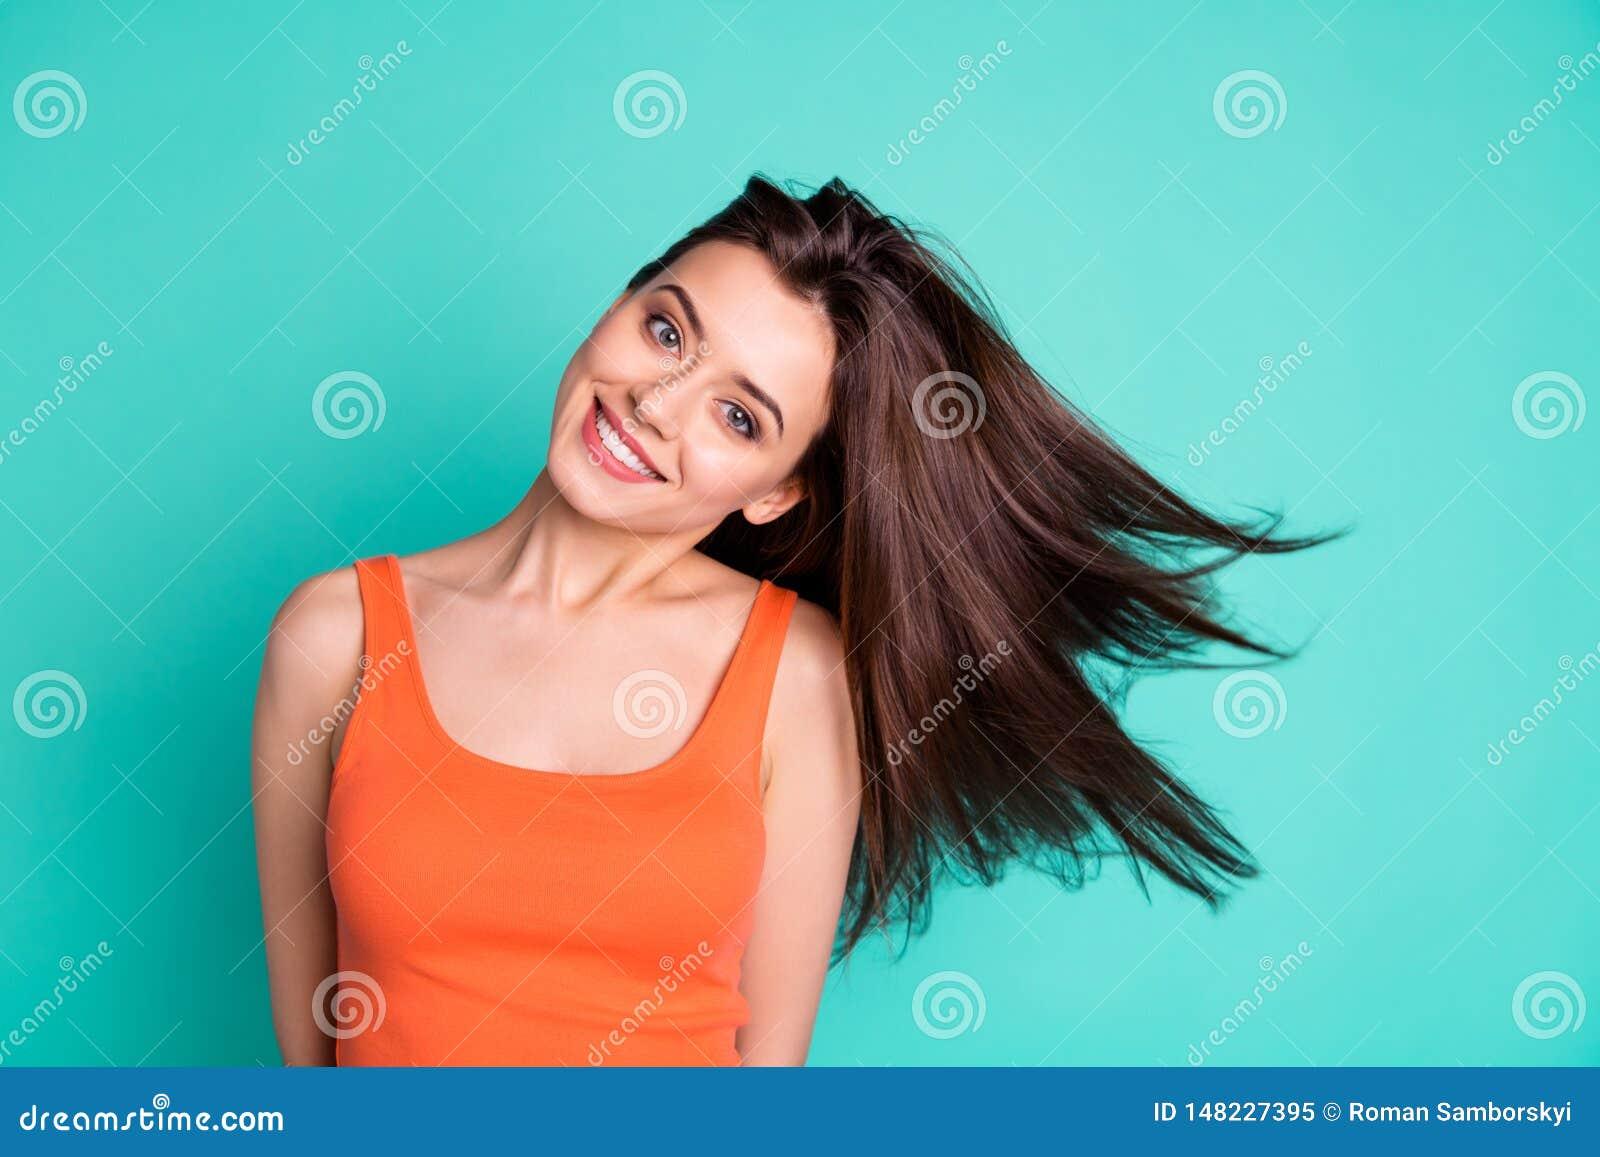 Κλείστε επάνω την κατάπληξη φωτογραφιών όμορφη αυτή αυτή γυναικείου Σαββατοκύριακου διακοπών αέρα φυσώντας τρίχας νέο σαμπουάν όρ